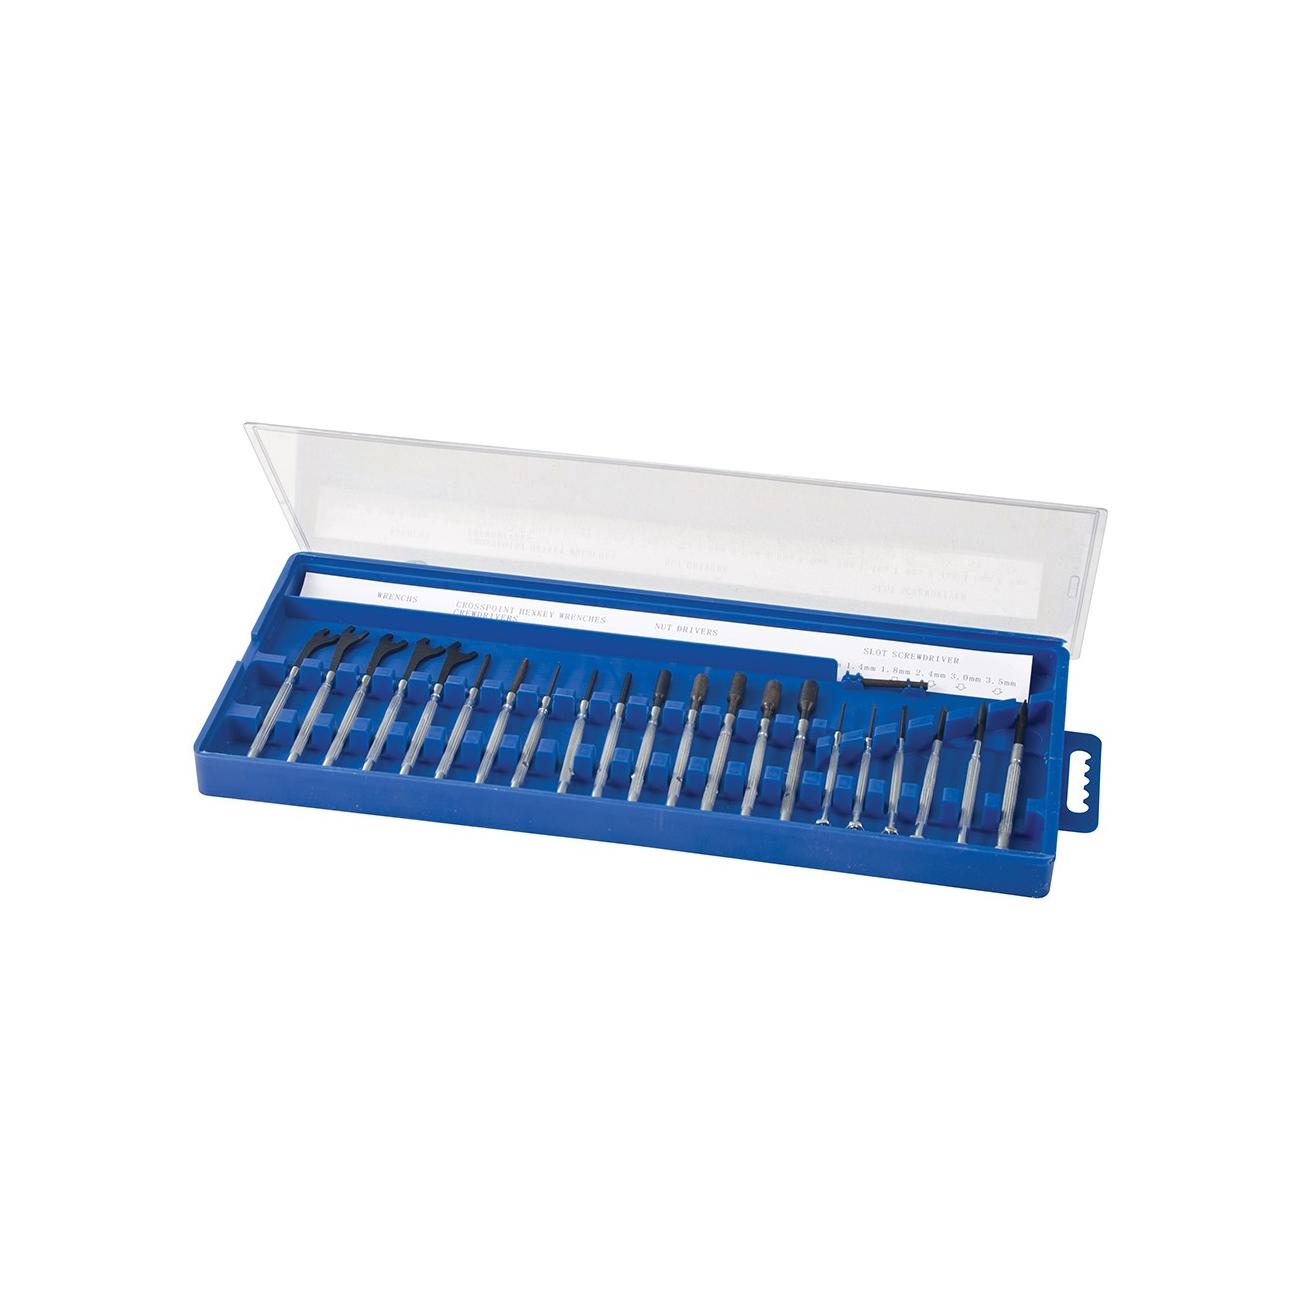 Zestaw małych śrubokrętów - 22-częściowy